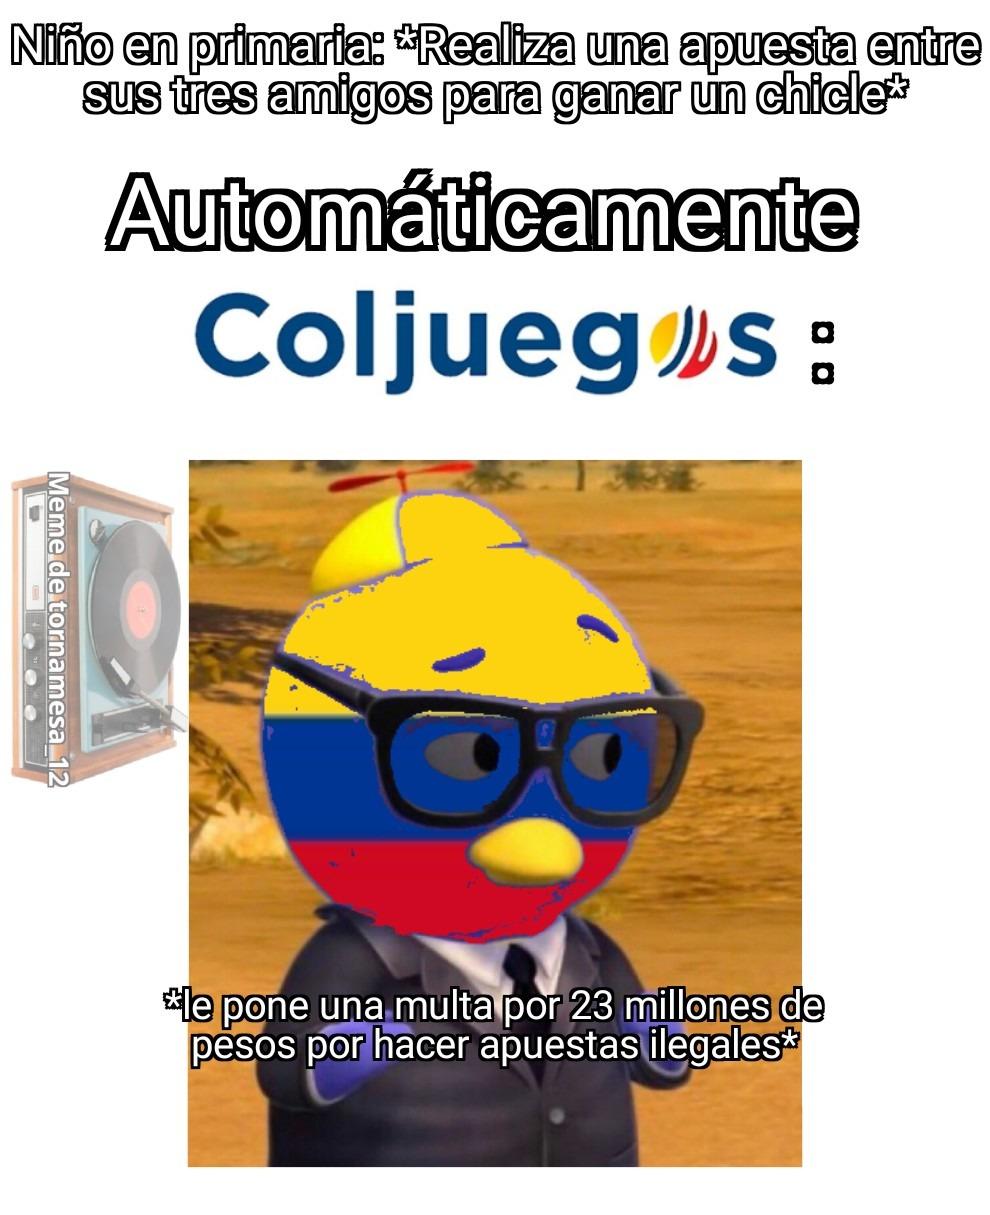 Carlitos de dije - meme